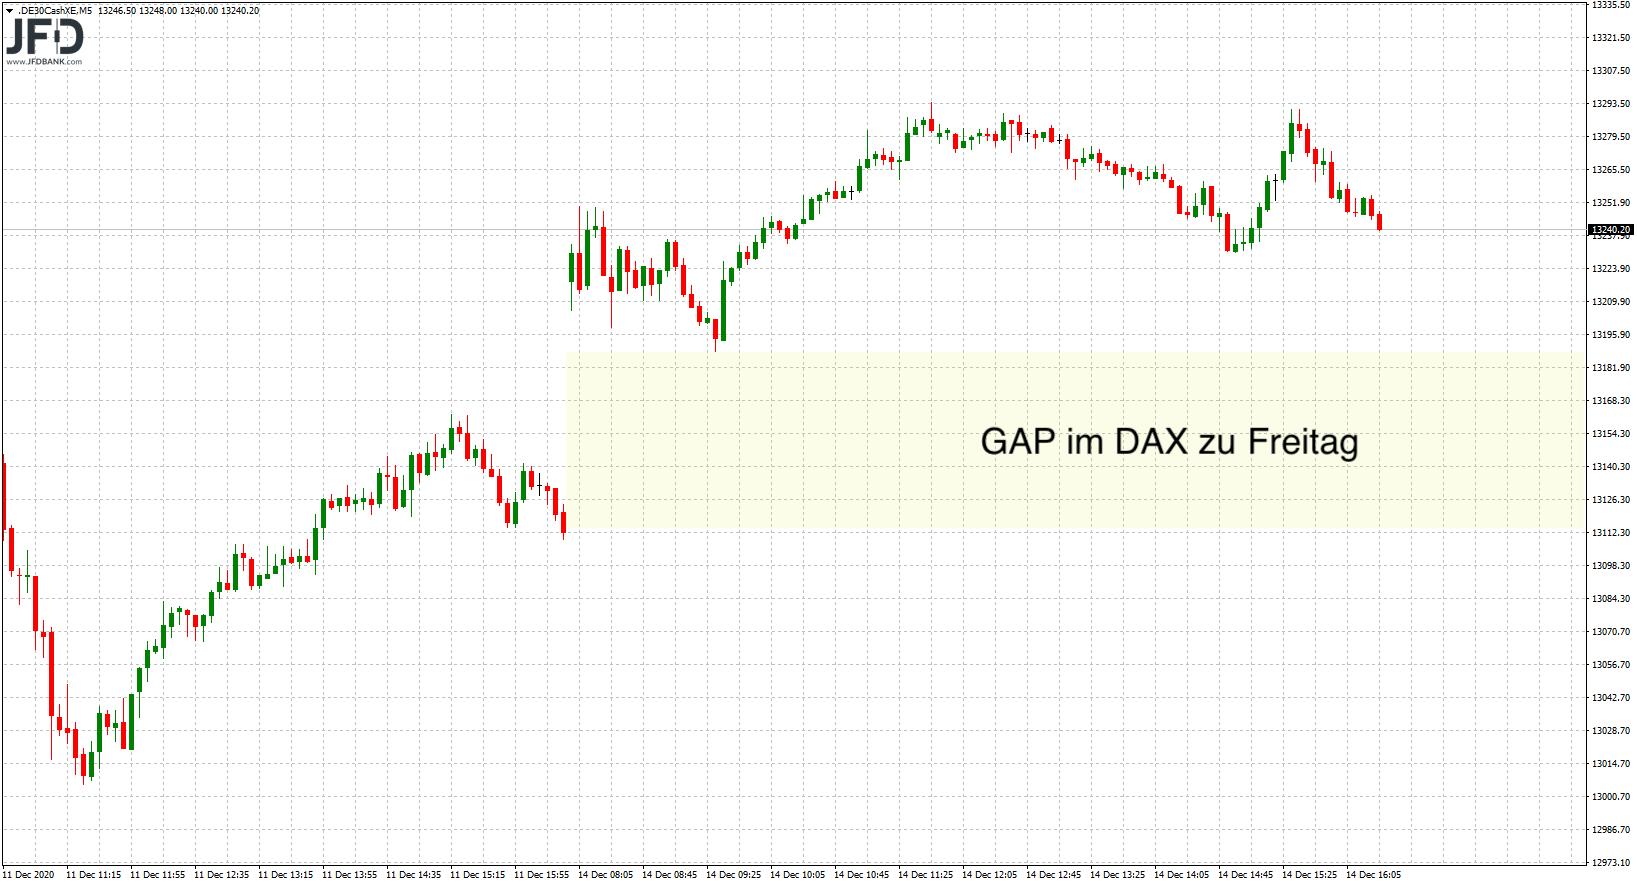 DAX-GAP zu Freitag